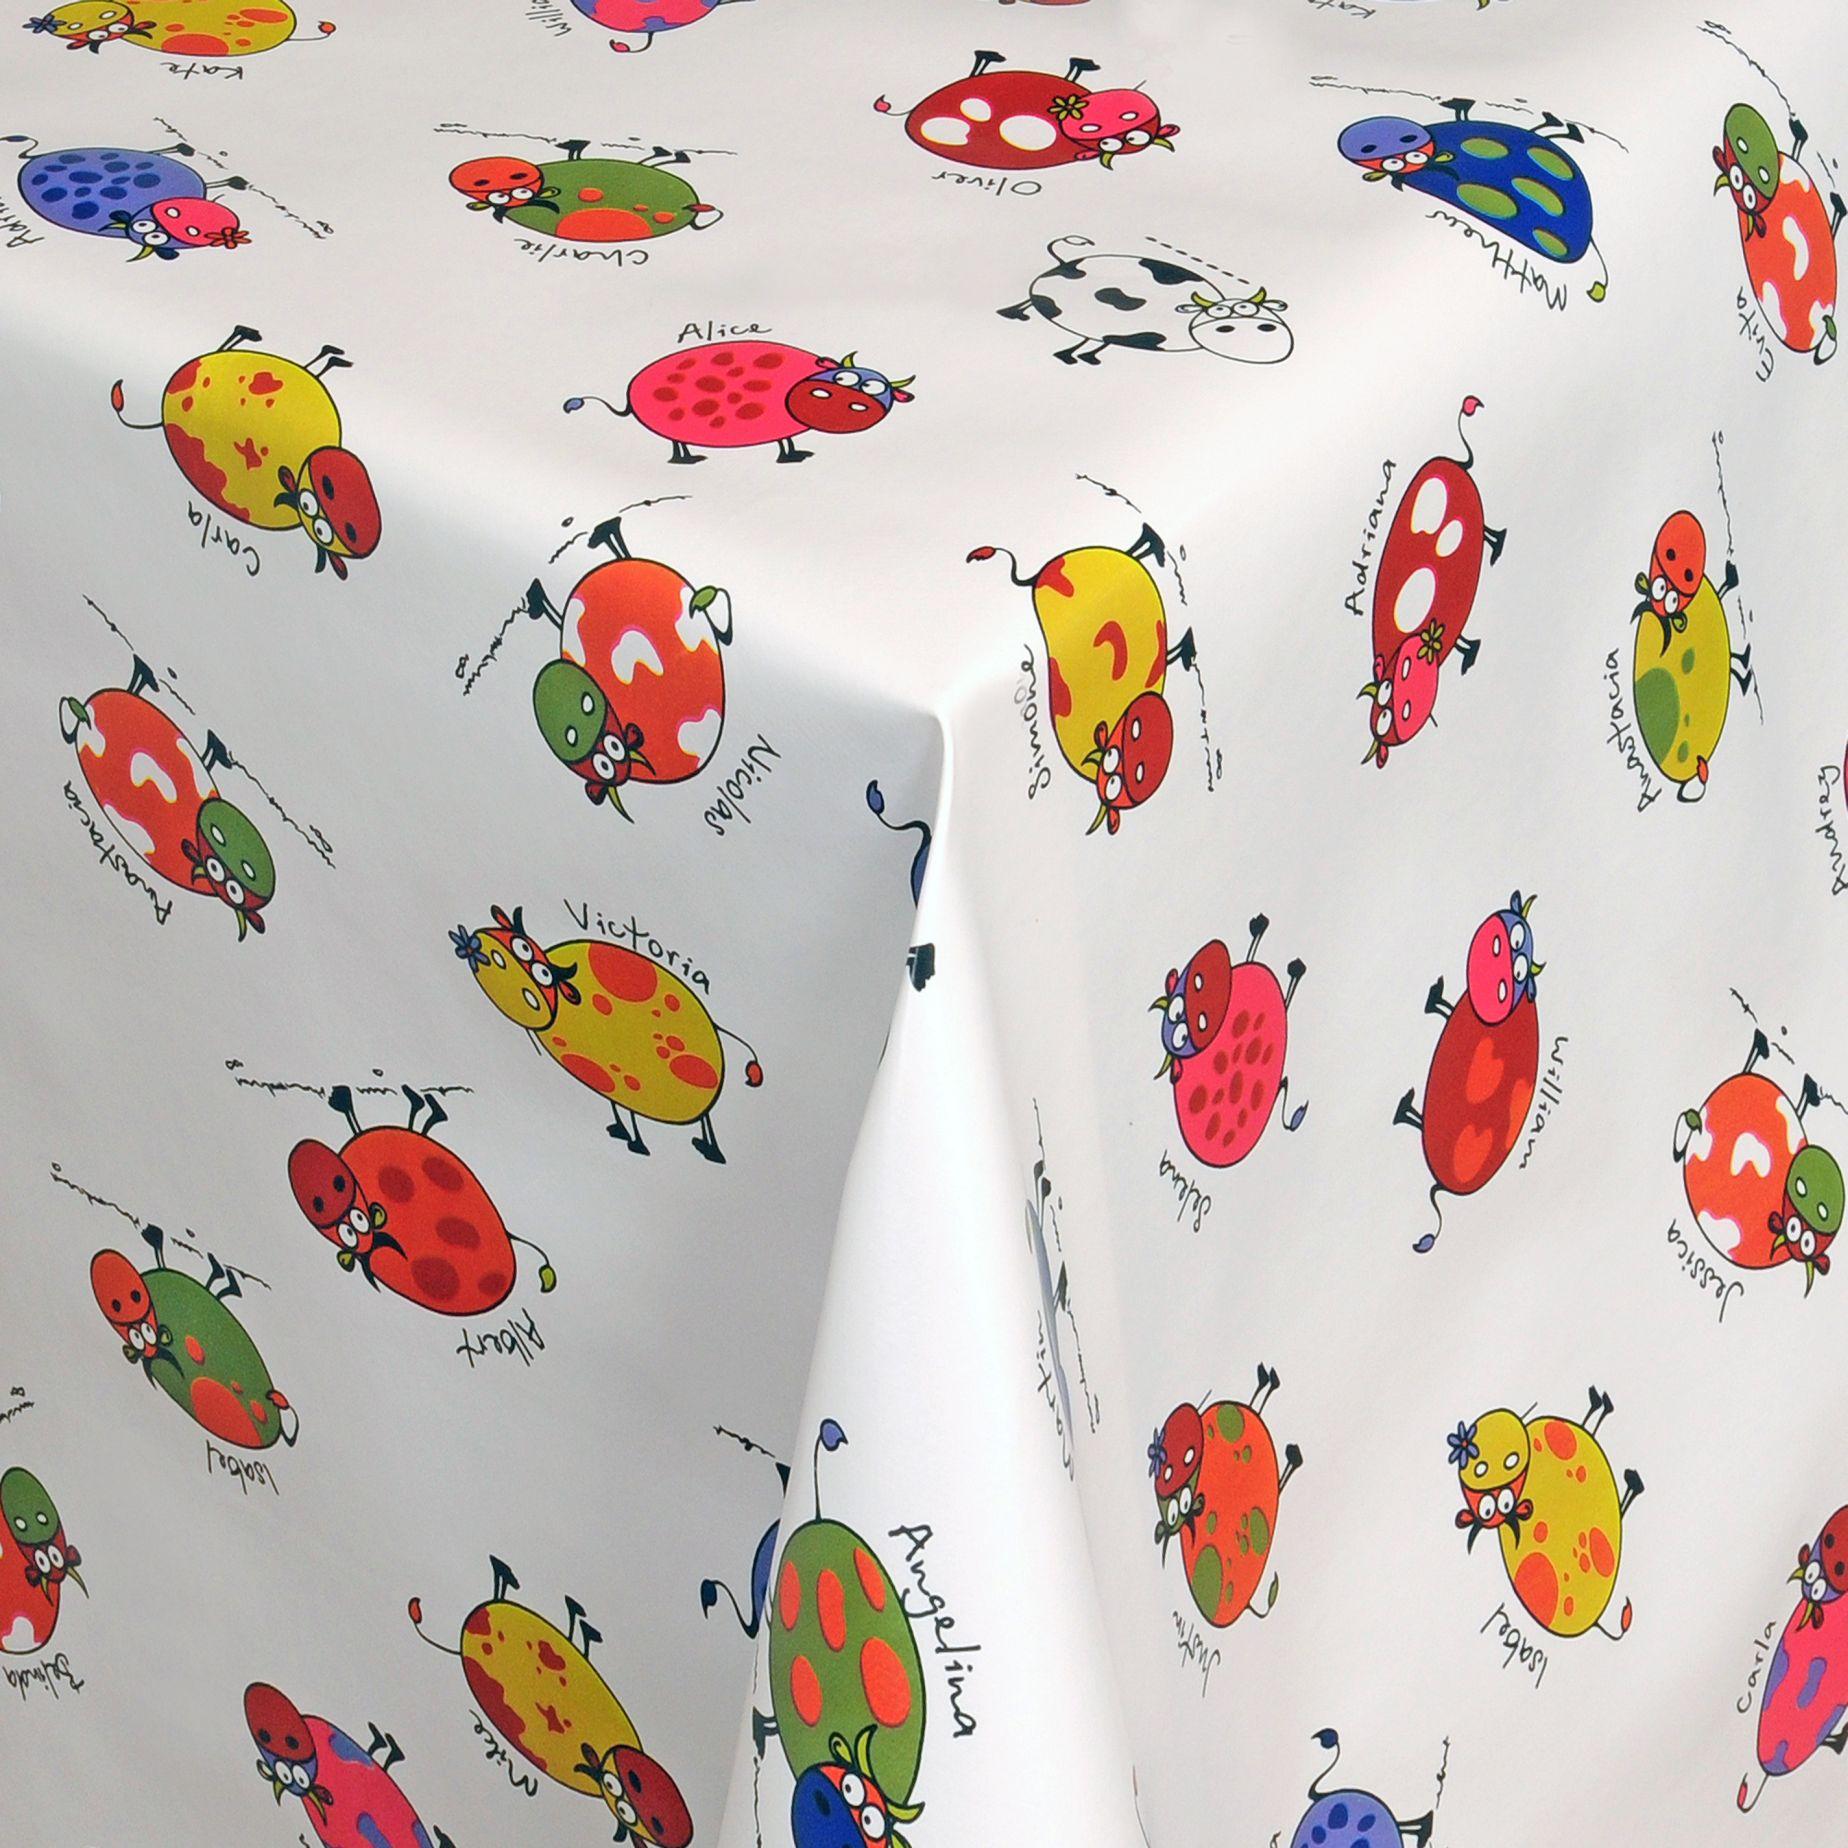 Wachstuch-Tischdecke-Abwischbar-Meterware-Gartendecke-verschiedene-Motive